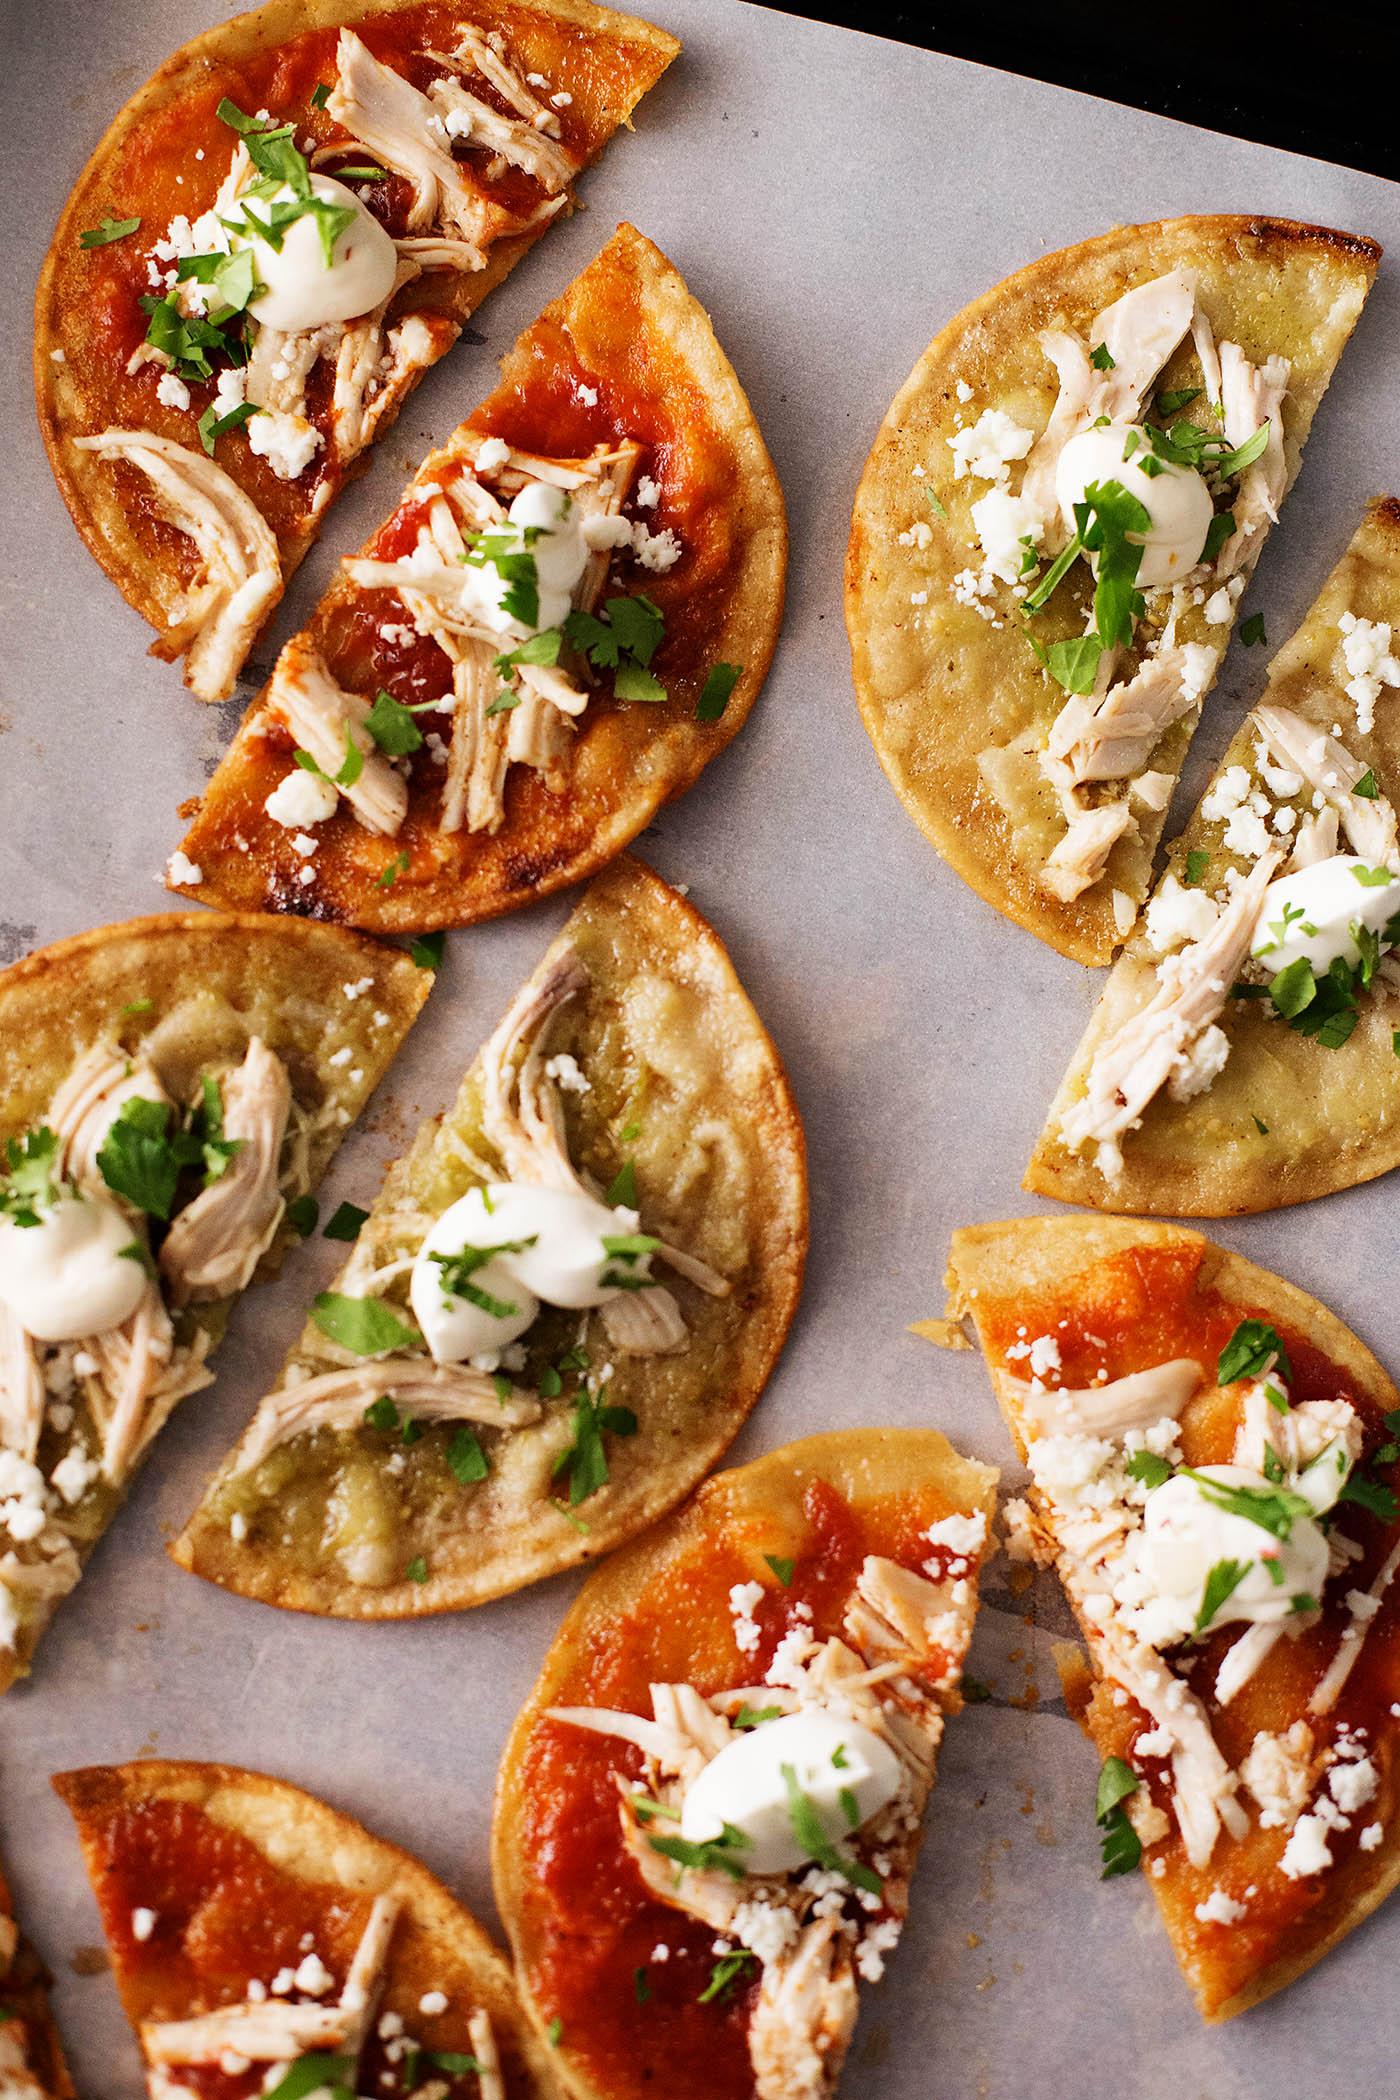 How to make Chalupas Poblanas for Cinco de Mayo